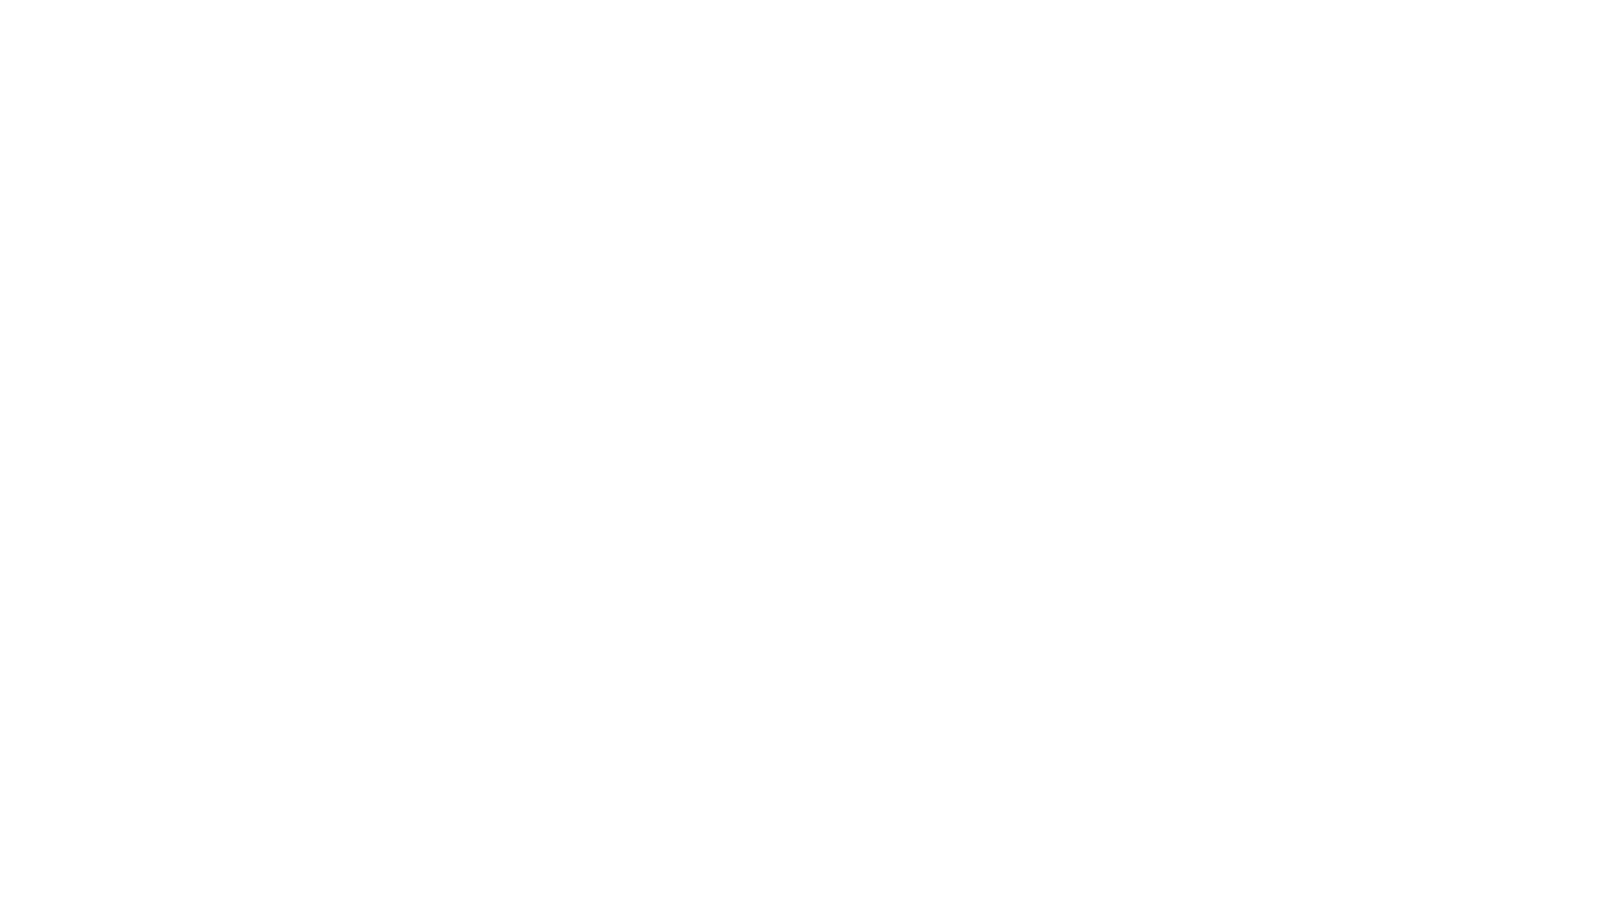 Dentro de las actividades del Grupo Operativo Autonómico AgroecologiCAM, del cual Red Terrae es el socio representante y coopera con IMIDRA, AUPA, ARACOVE, GALSINMA, ADI Sierra Oeste, SEAE y la FAO en Madrid, se realizó esta visita virtual al obrador de Tagamanent como experiencia ilustrativa para la difusión de las acciones que desde el enfoque agroecológico se pueden abordar desde las administraciones locales. Interviene:  Imma Cervós, de la subdirección general de coordinación de Salut Pública en la comarca de Catalunya Central que nos explica el papel que juega la adaptación del paquete higiénico-sanitario para el desarrollo de estas instalaciones.